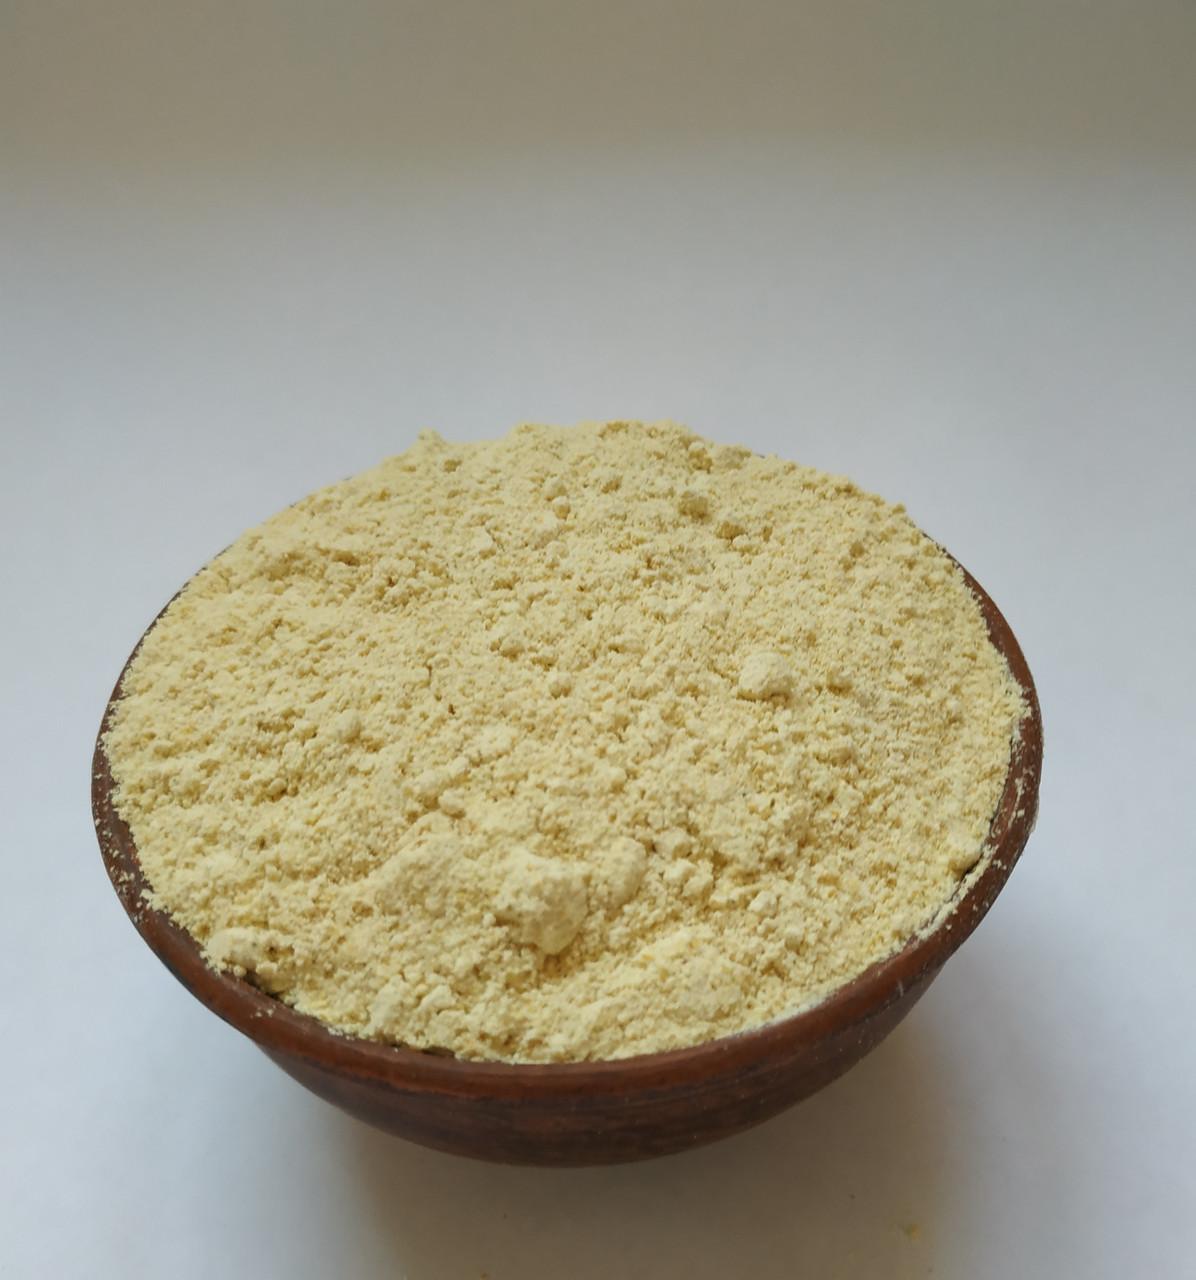 Чаман молотый (фенугрек молотый), 500 грамм